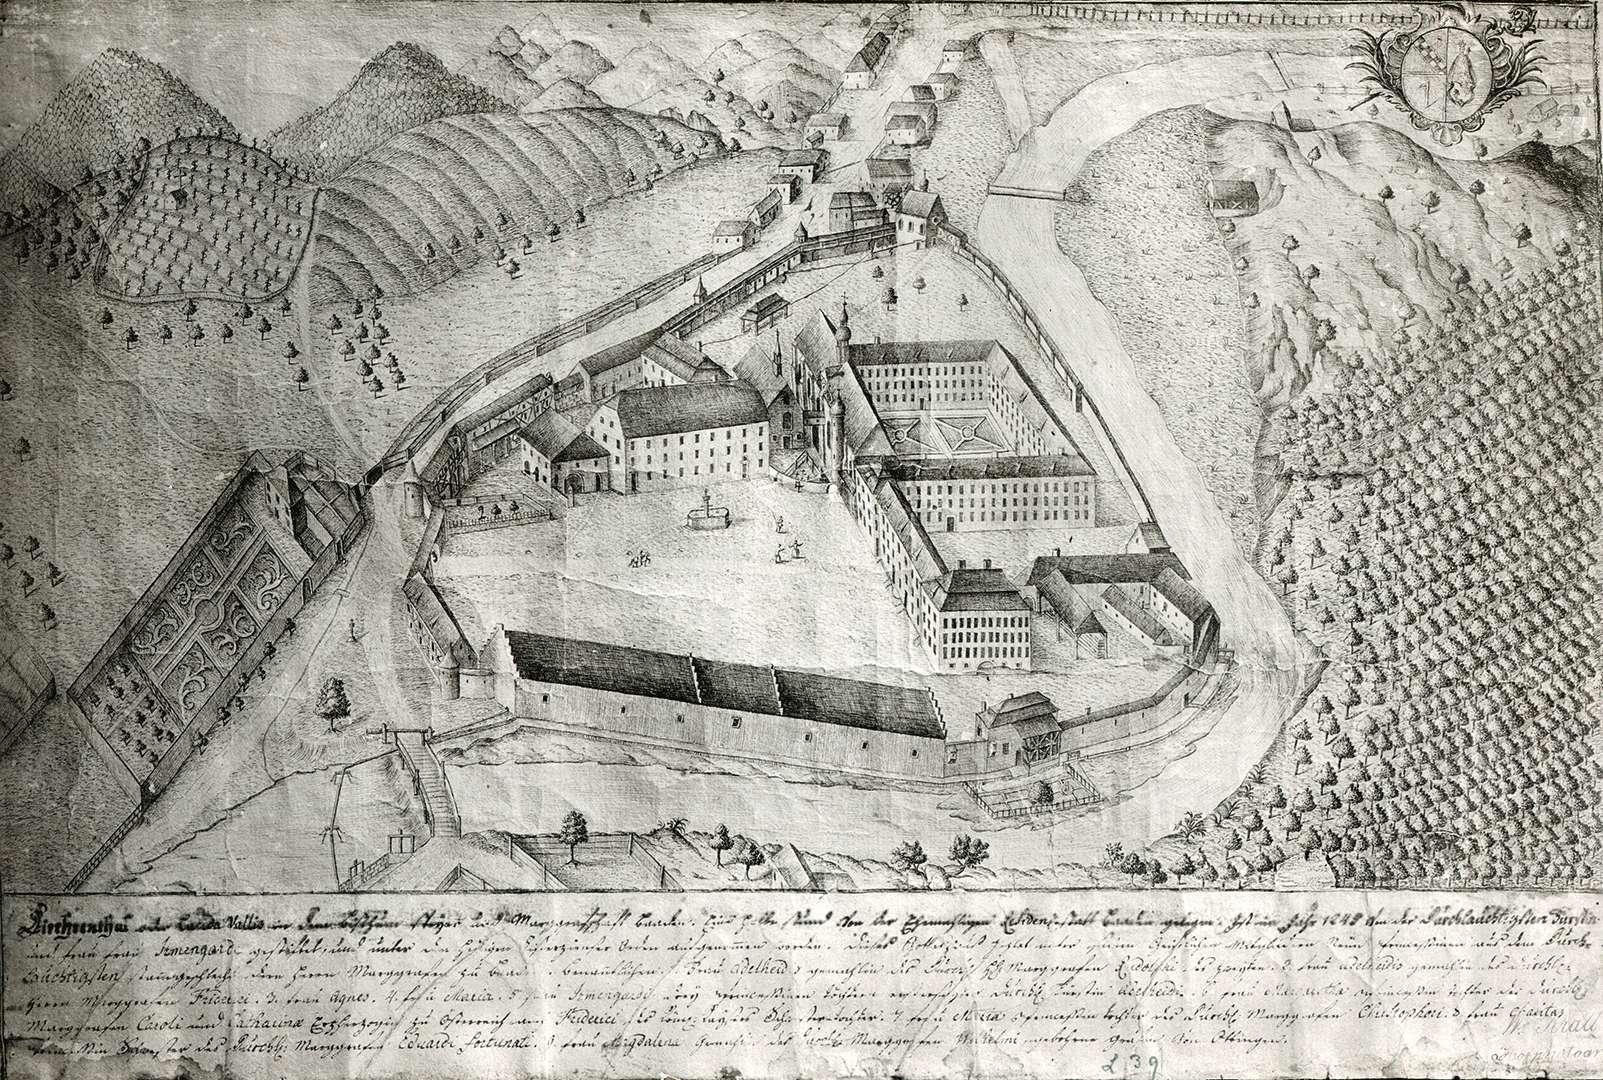 Kloster Lichtental, Bild 1